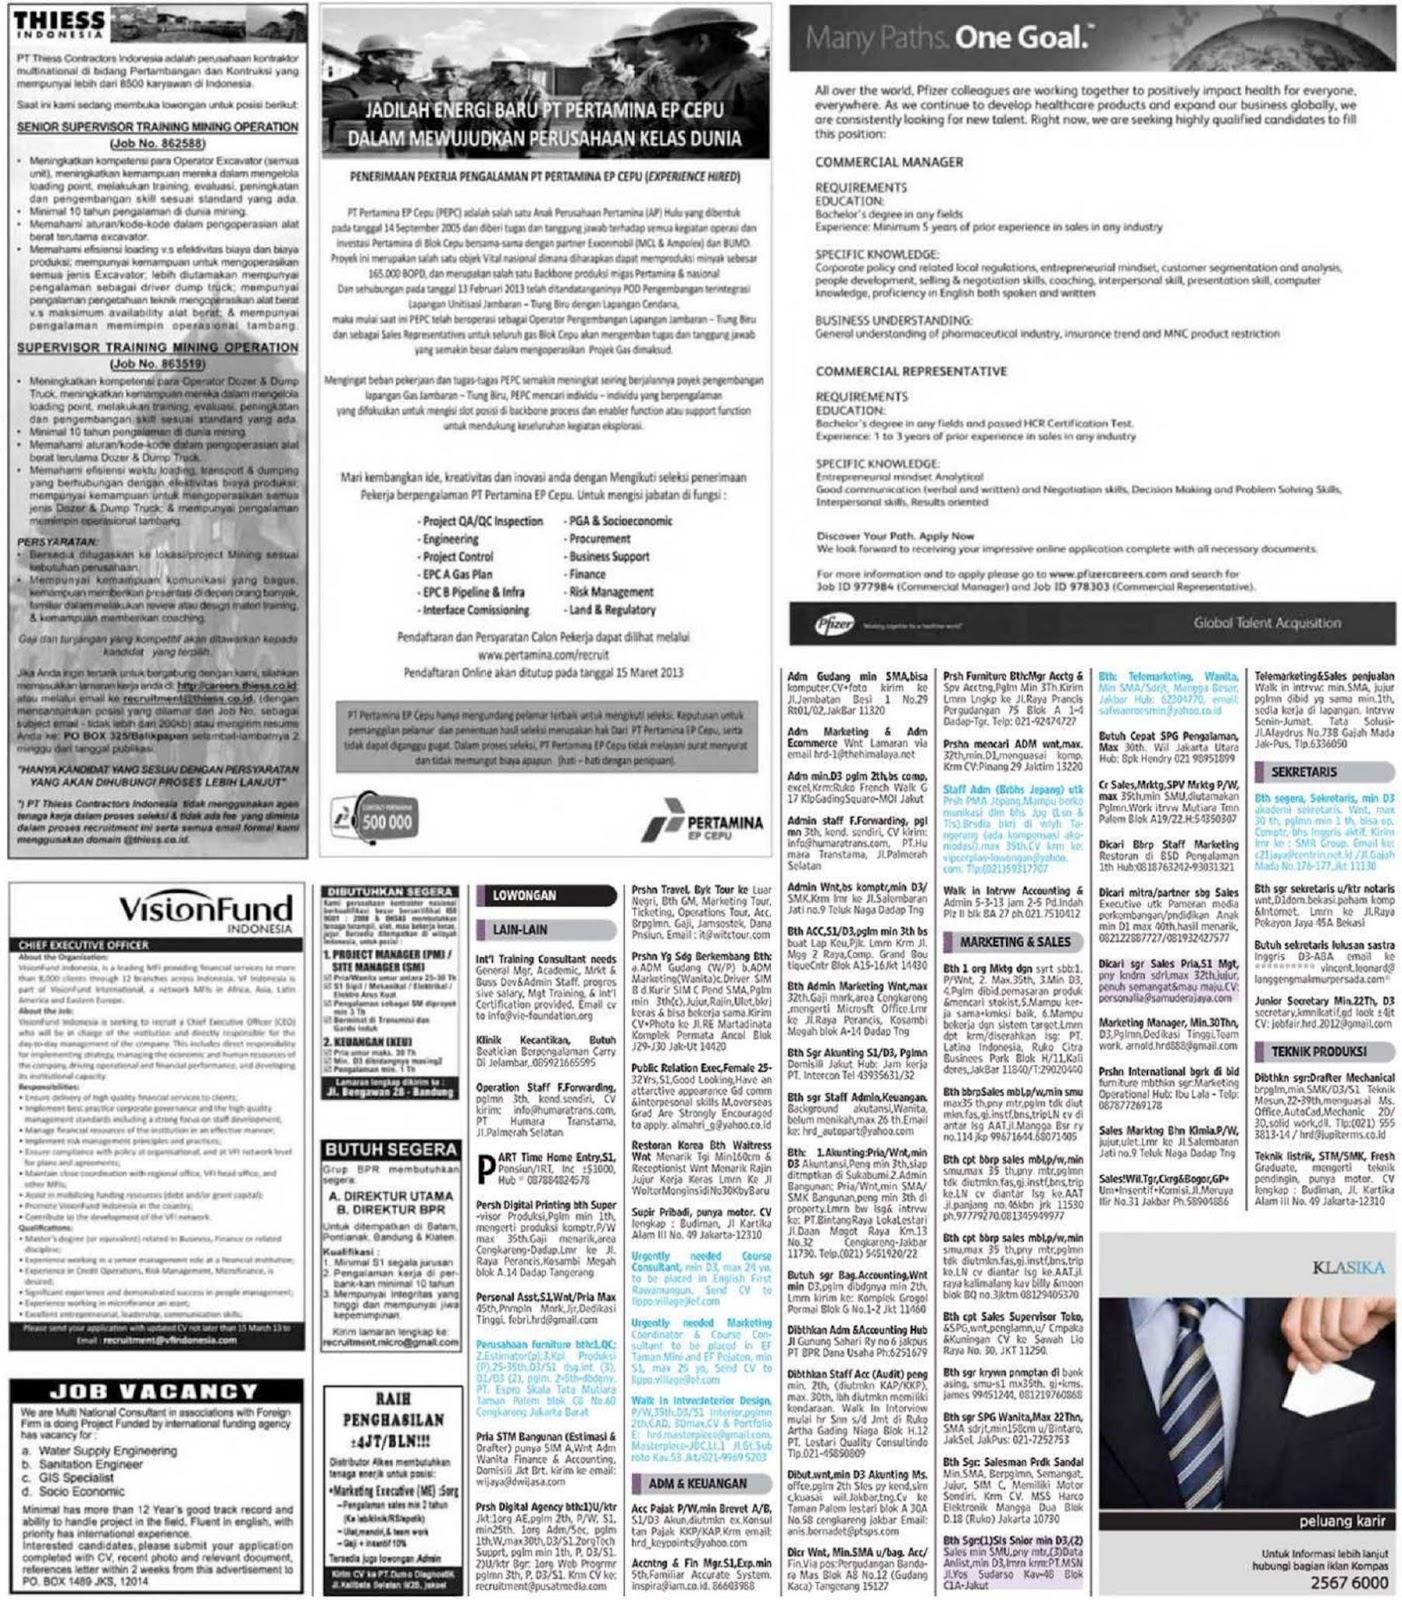 Lowongan Bank Mandiri Surabaya 2013 Lowongan Kerja Bi Bank Indonesia Terbaru Oktober 2016 Lowongan Kerja Koran Kompas Minggu 3 Maret 2013 Diantaranya Lowongan